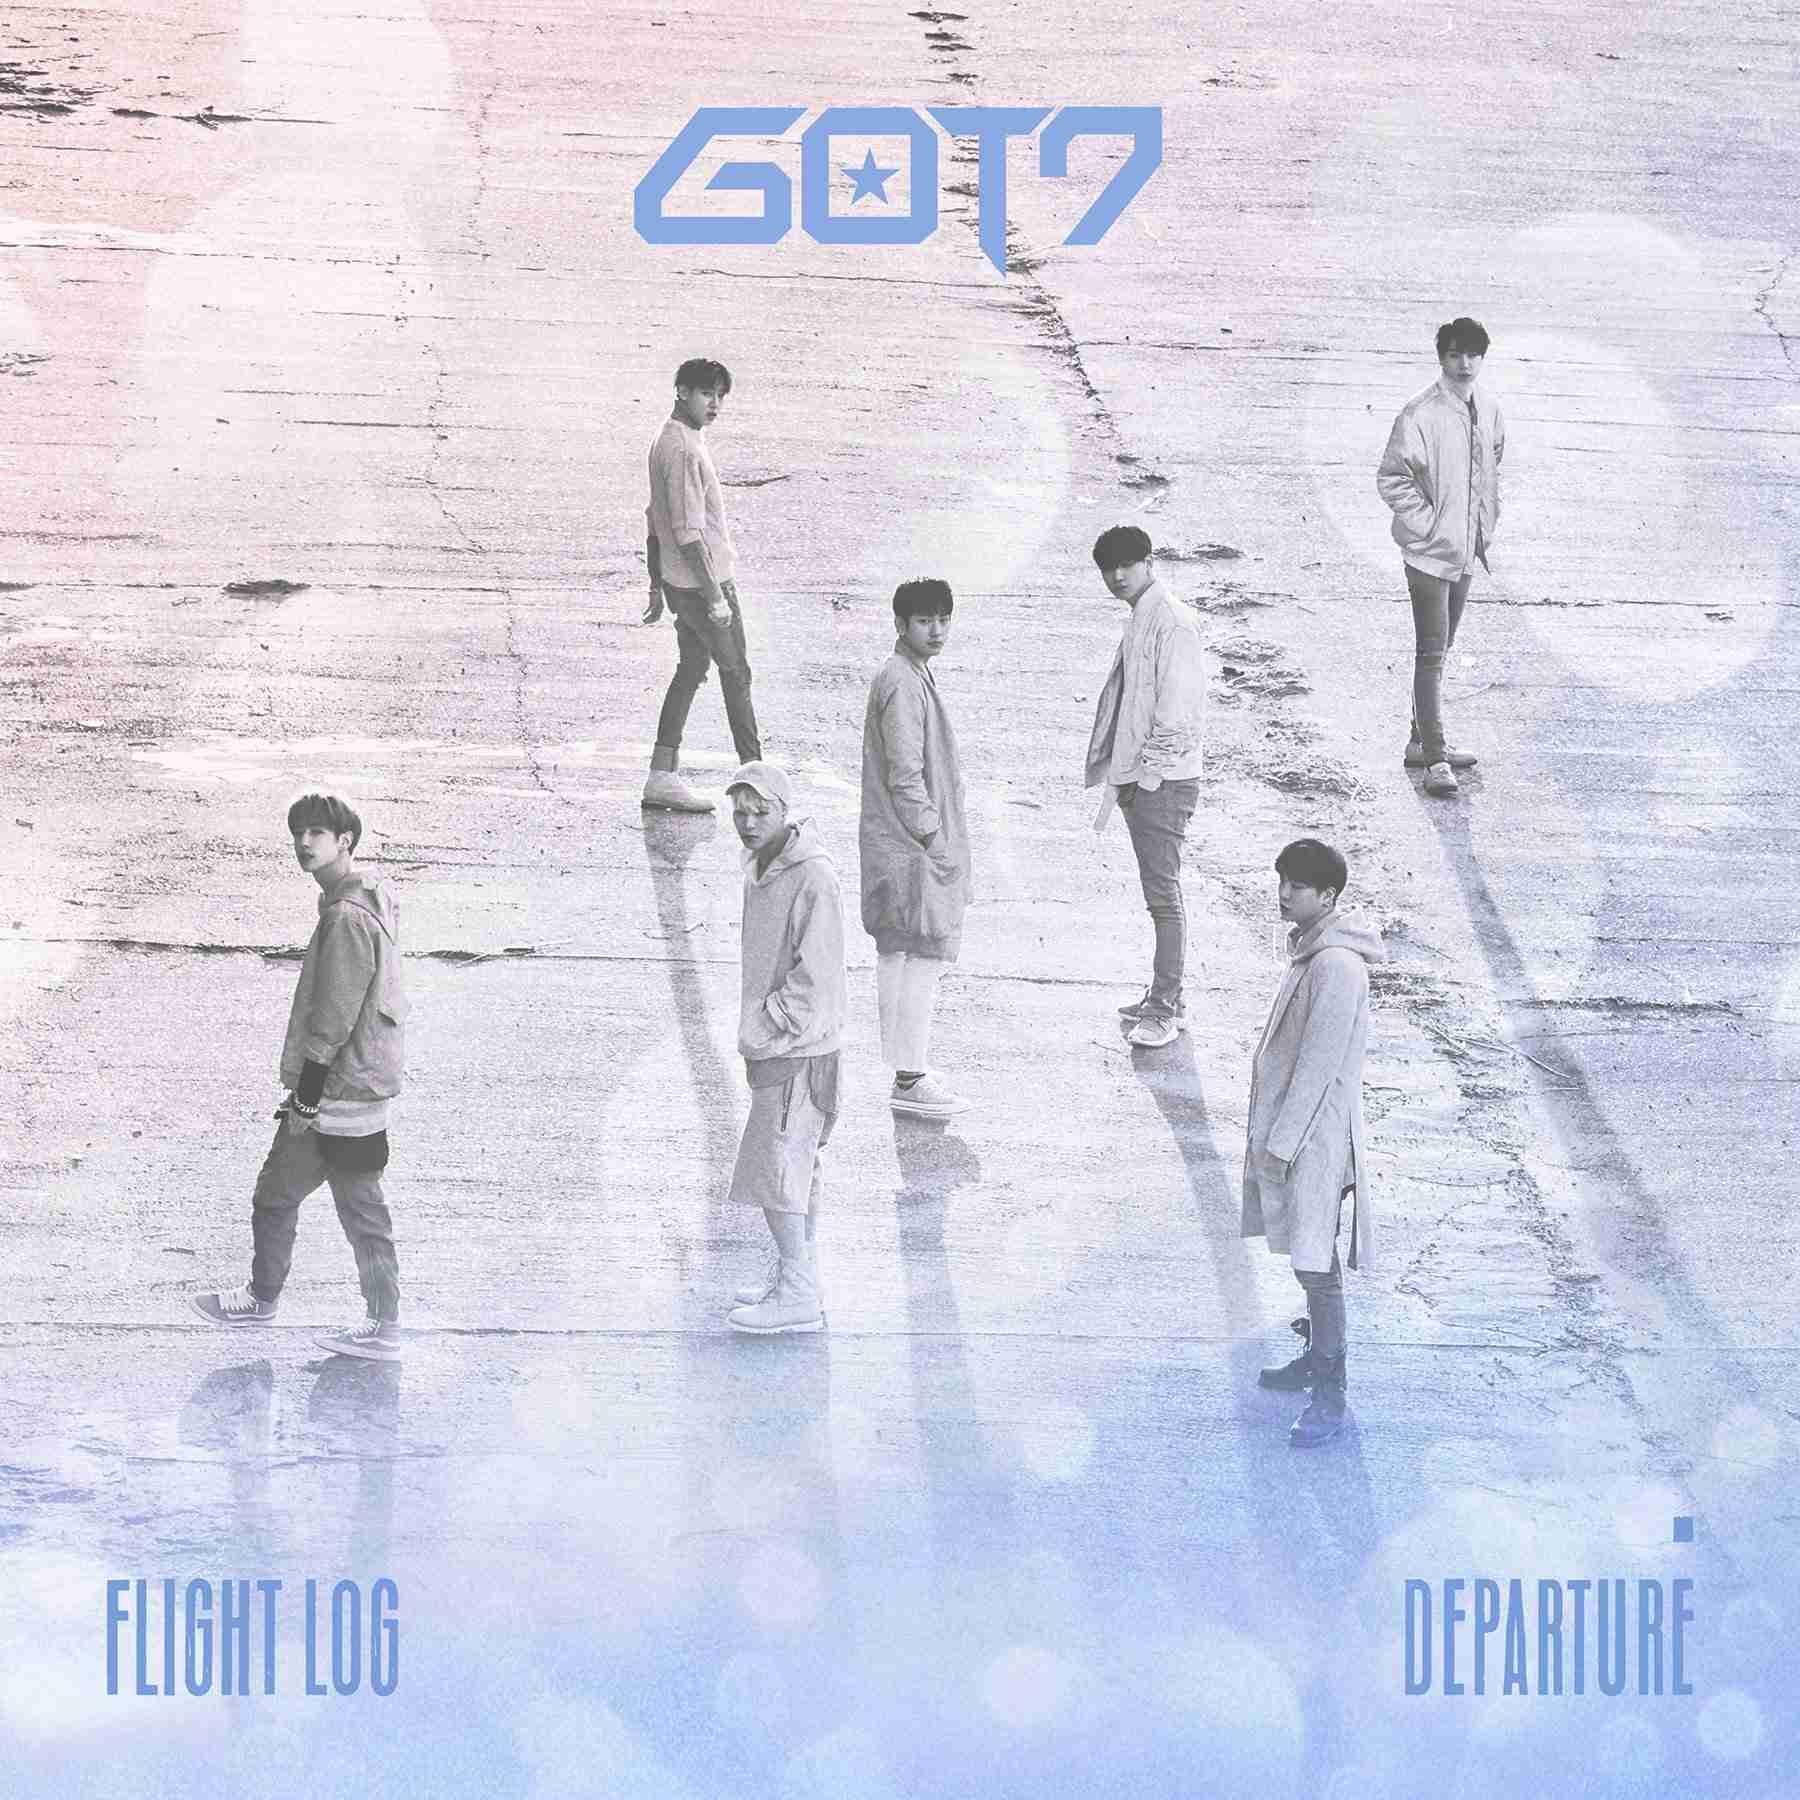 雖然GOT7今年年初推出新專輯主打《Fly》時音源反響不如預期熱烈,當時讓不少粉絲擔心銷量。但事實證明靠著強大粉絲作為後援,GOT7的專輯銷量以Gaon統計1-4月份的成績排名第1來看,這張專輯還是相當成功的!(144,020萬張,前三依序為GOT7、Seventeen、泰民)